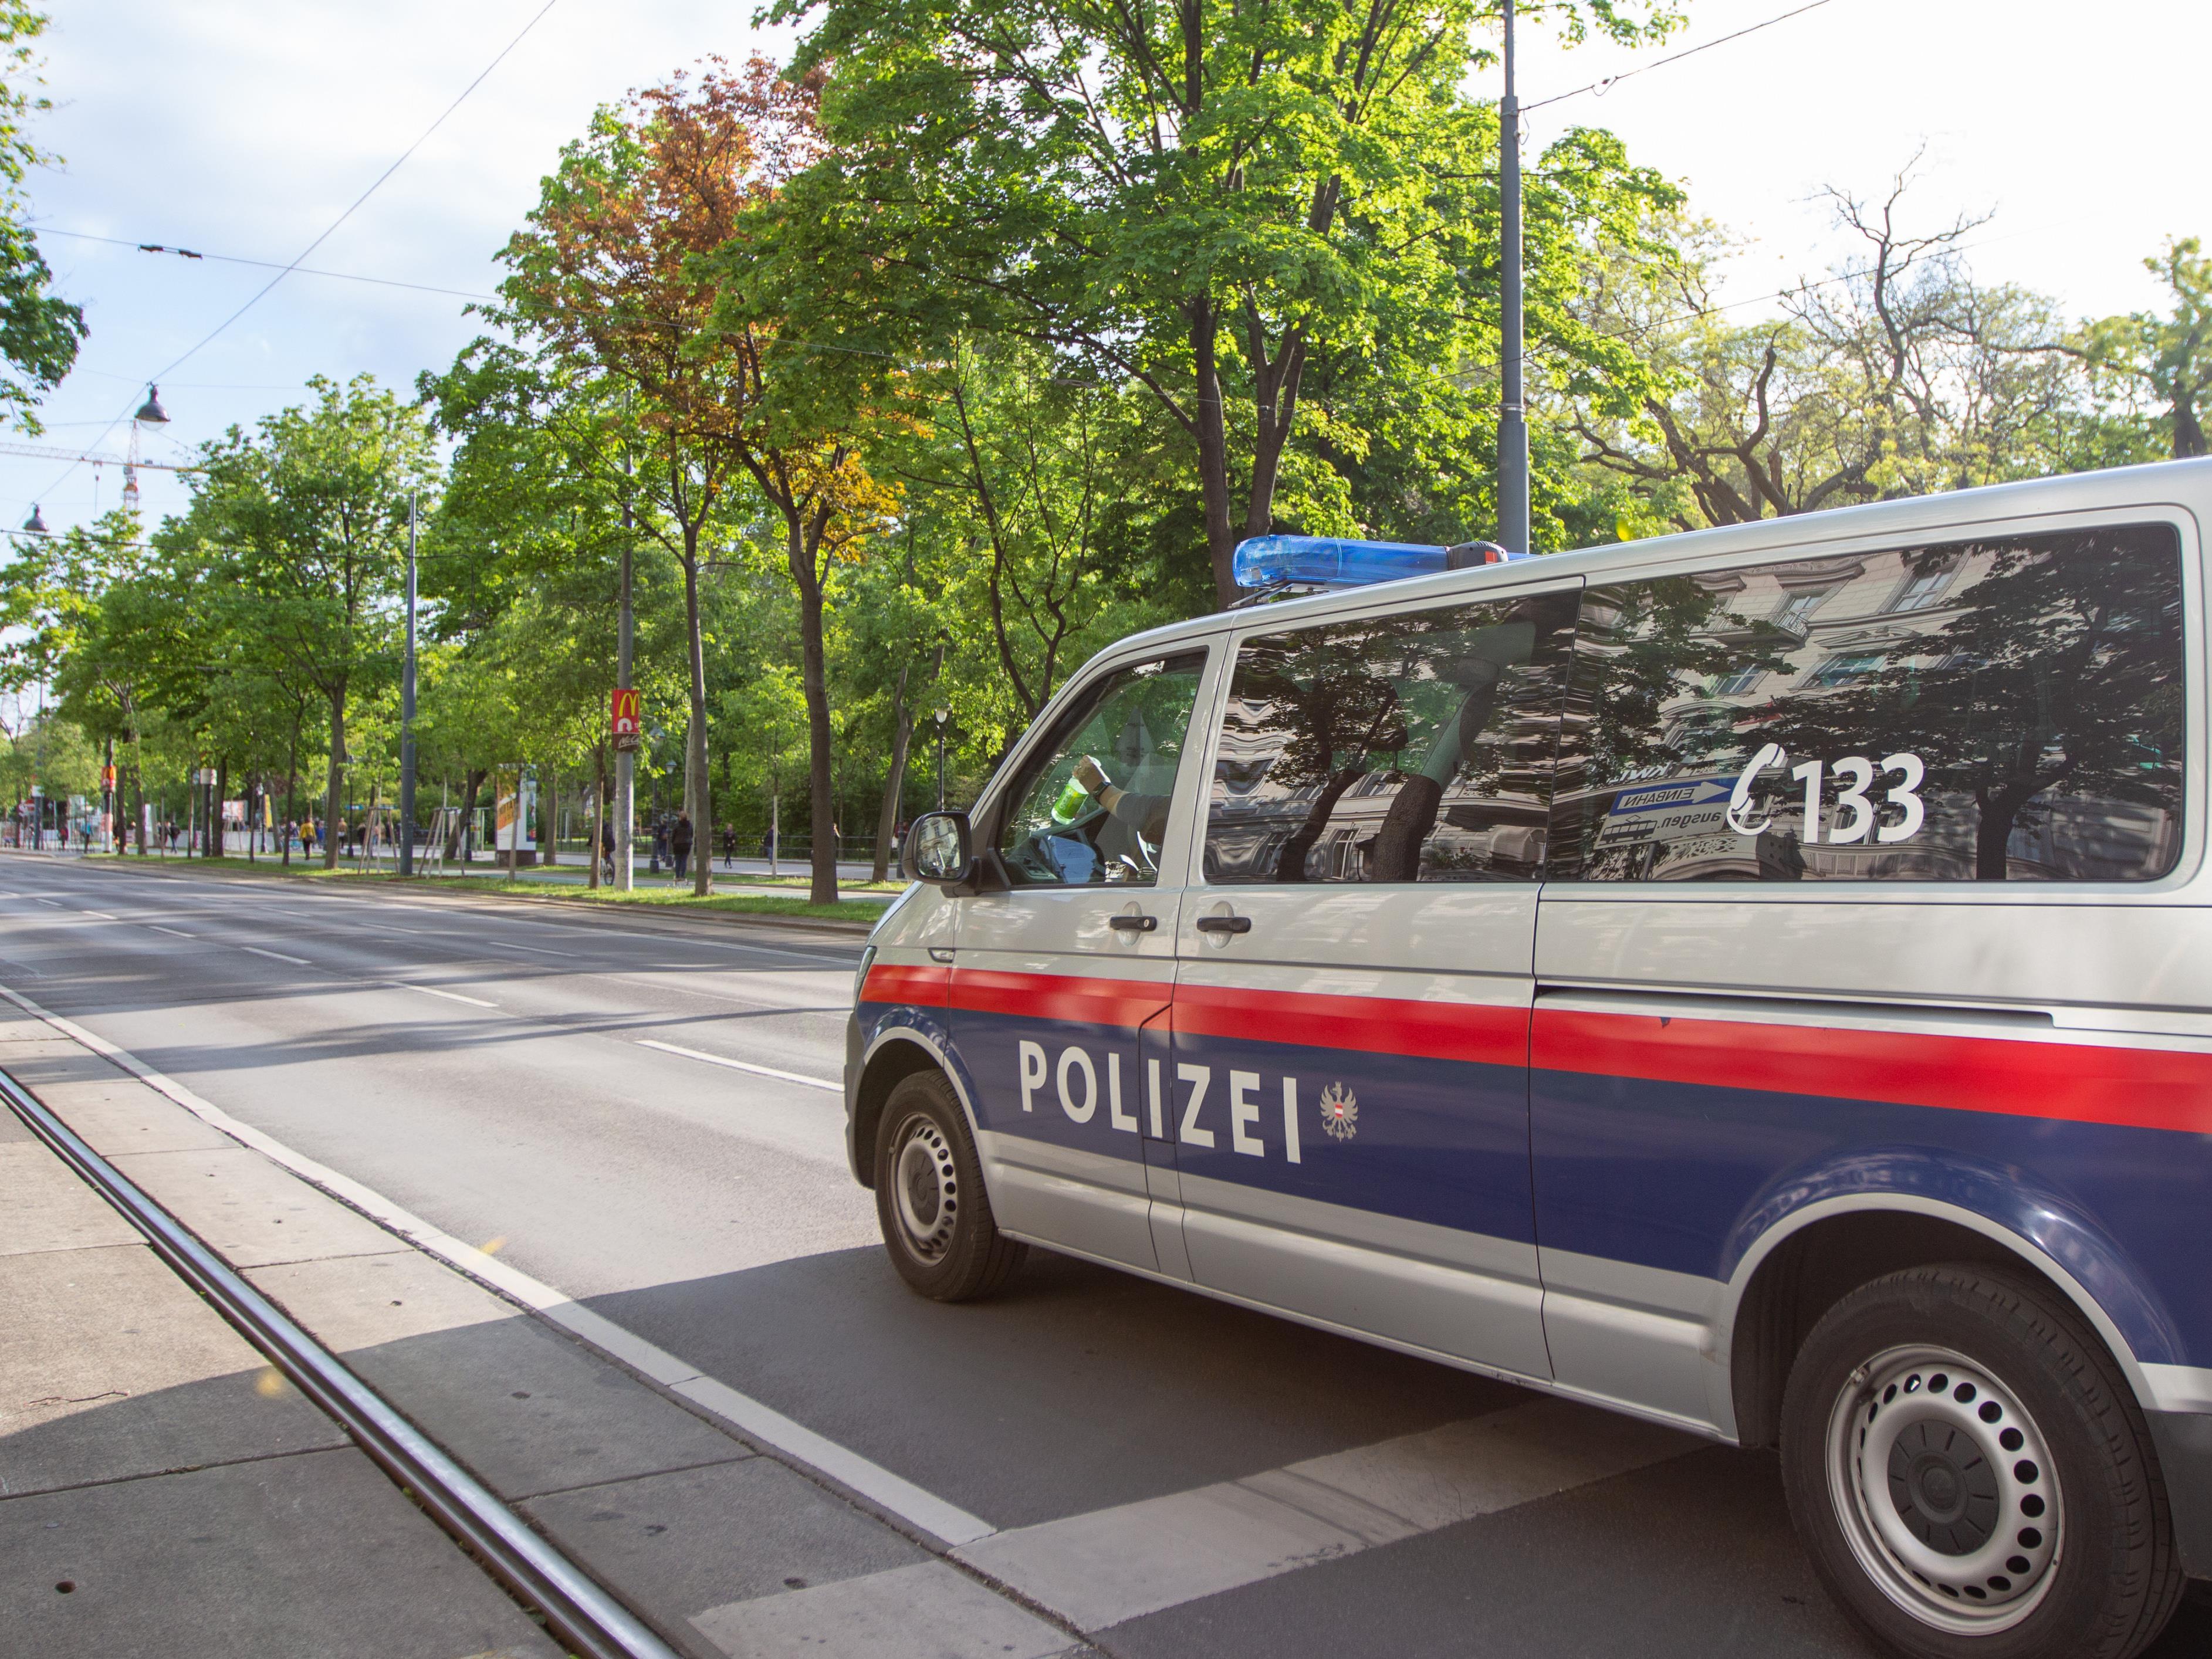 Die Polizei stellte zahlreiche Übertretungen fest.